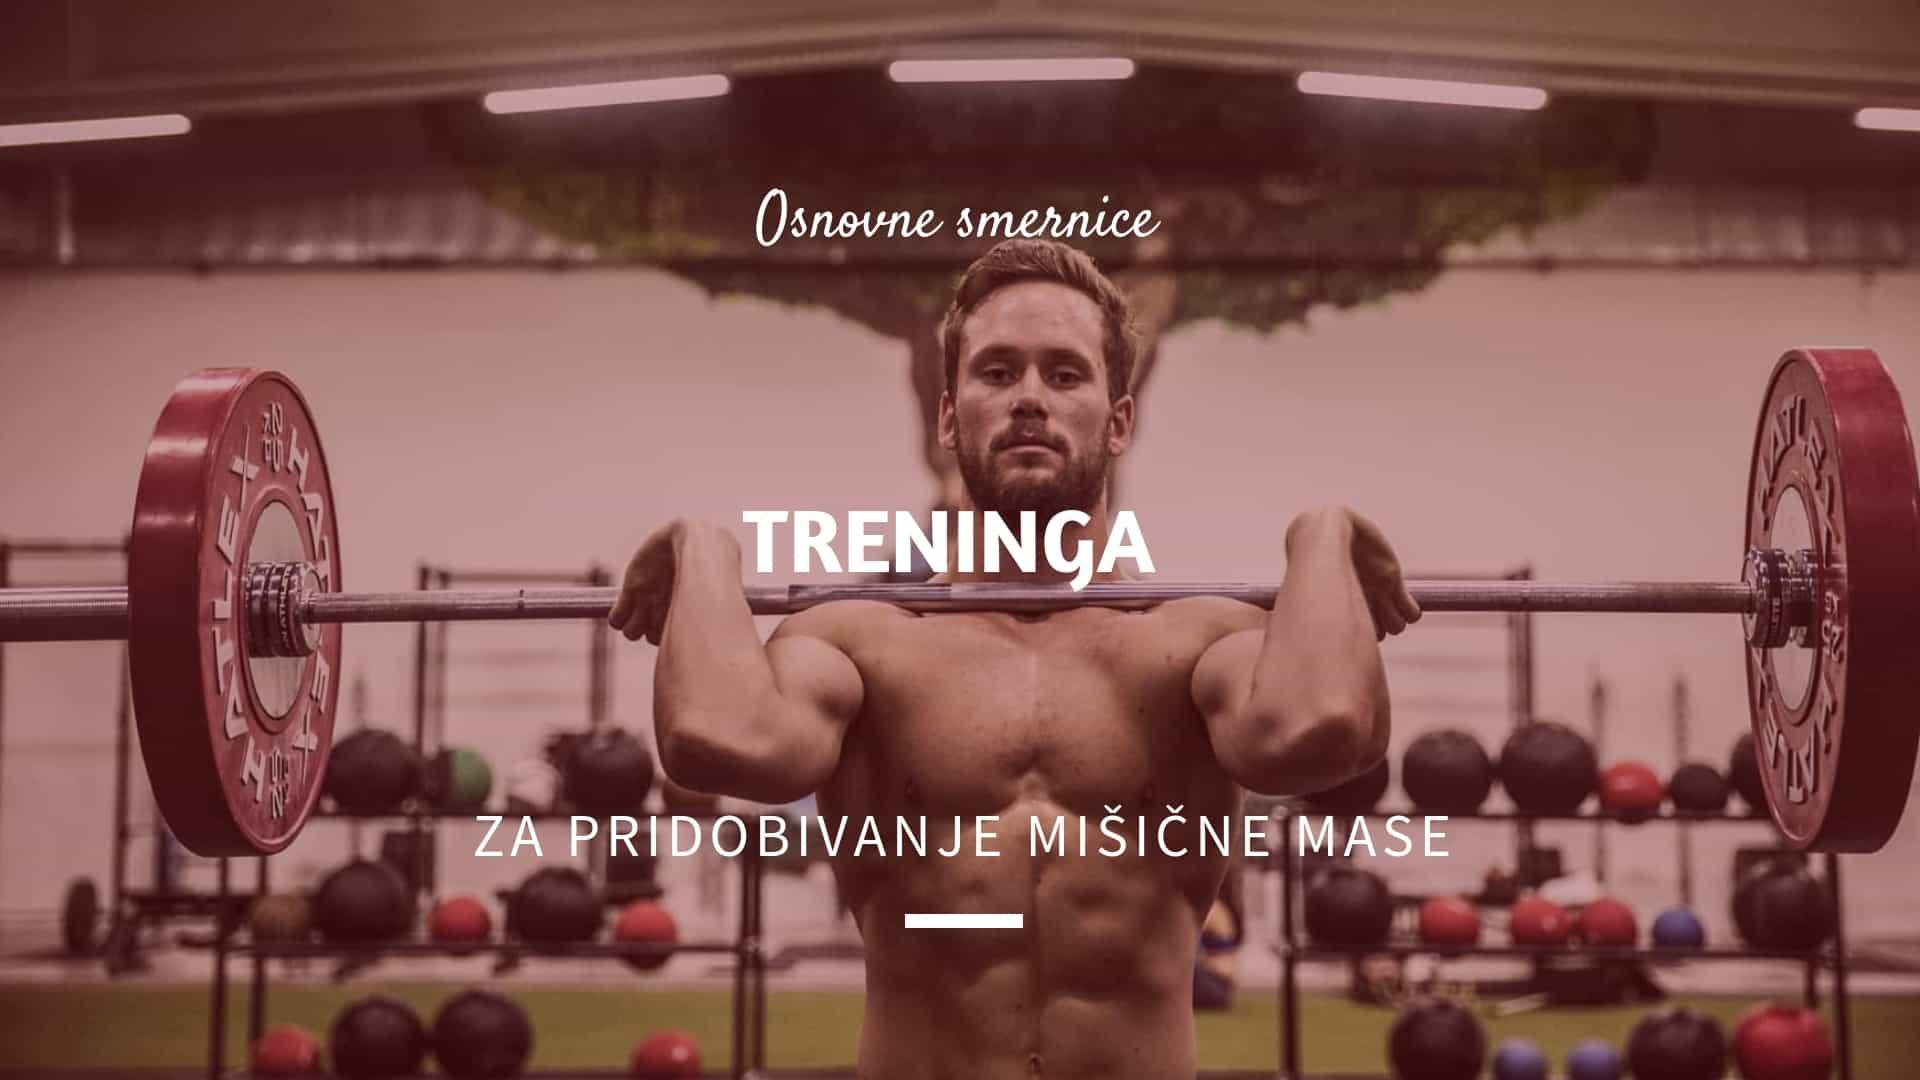 Osnovne smernice treninga za pridobivanje mišične mase